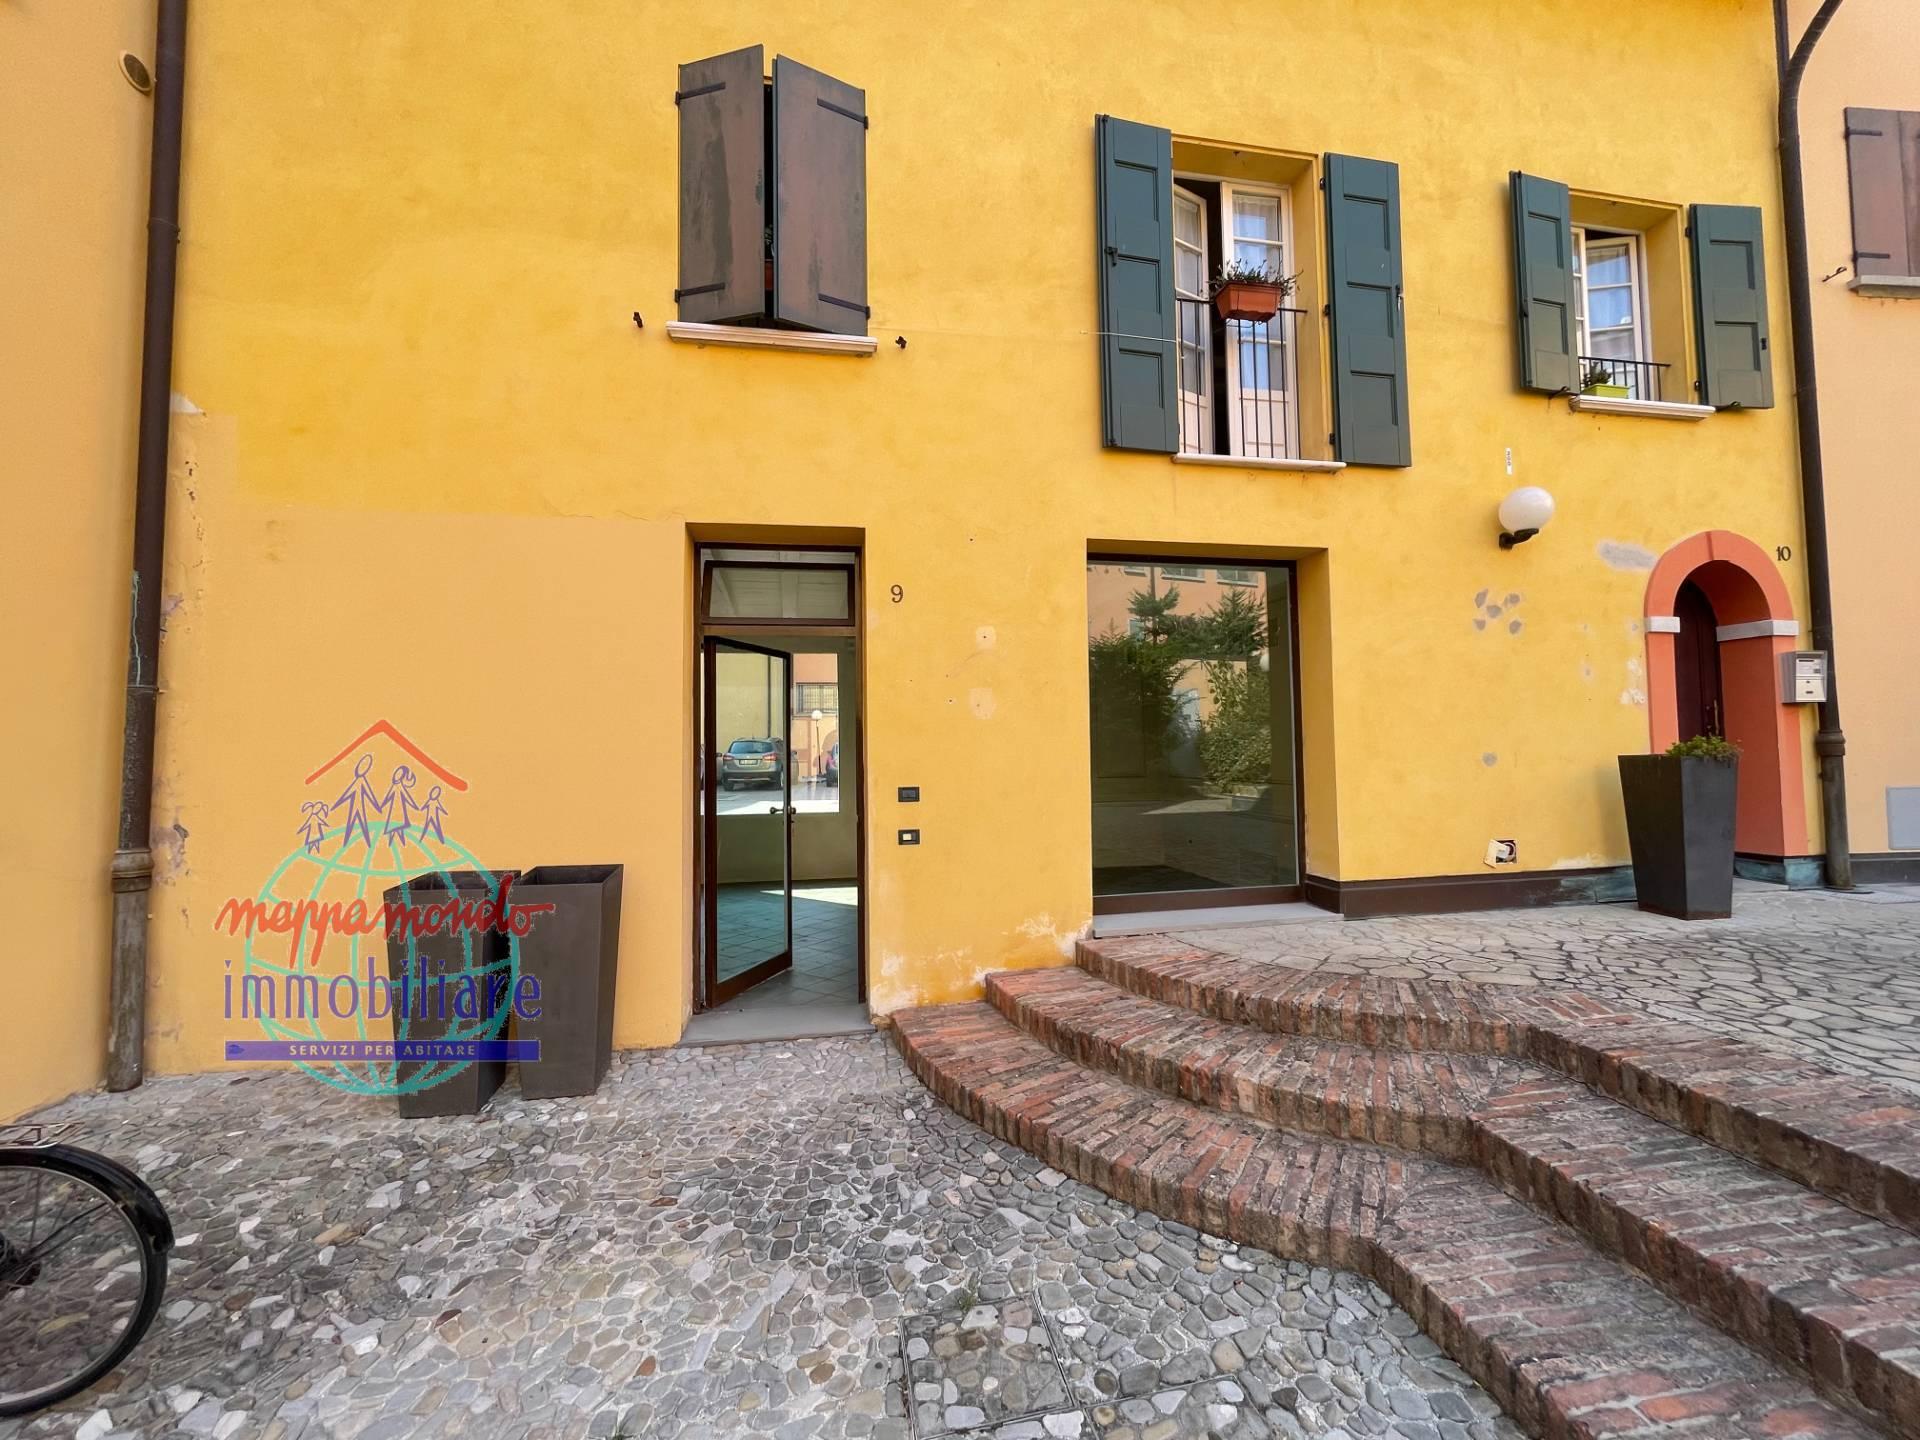 Negozio / Locale in affitto a Cento, 9999 locali, zona Località: Cento, prezzo € 90.000   CambioCasa.it